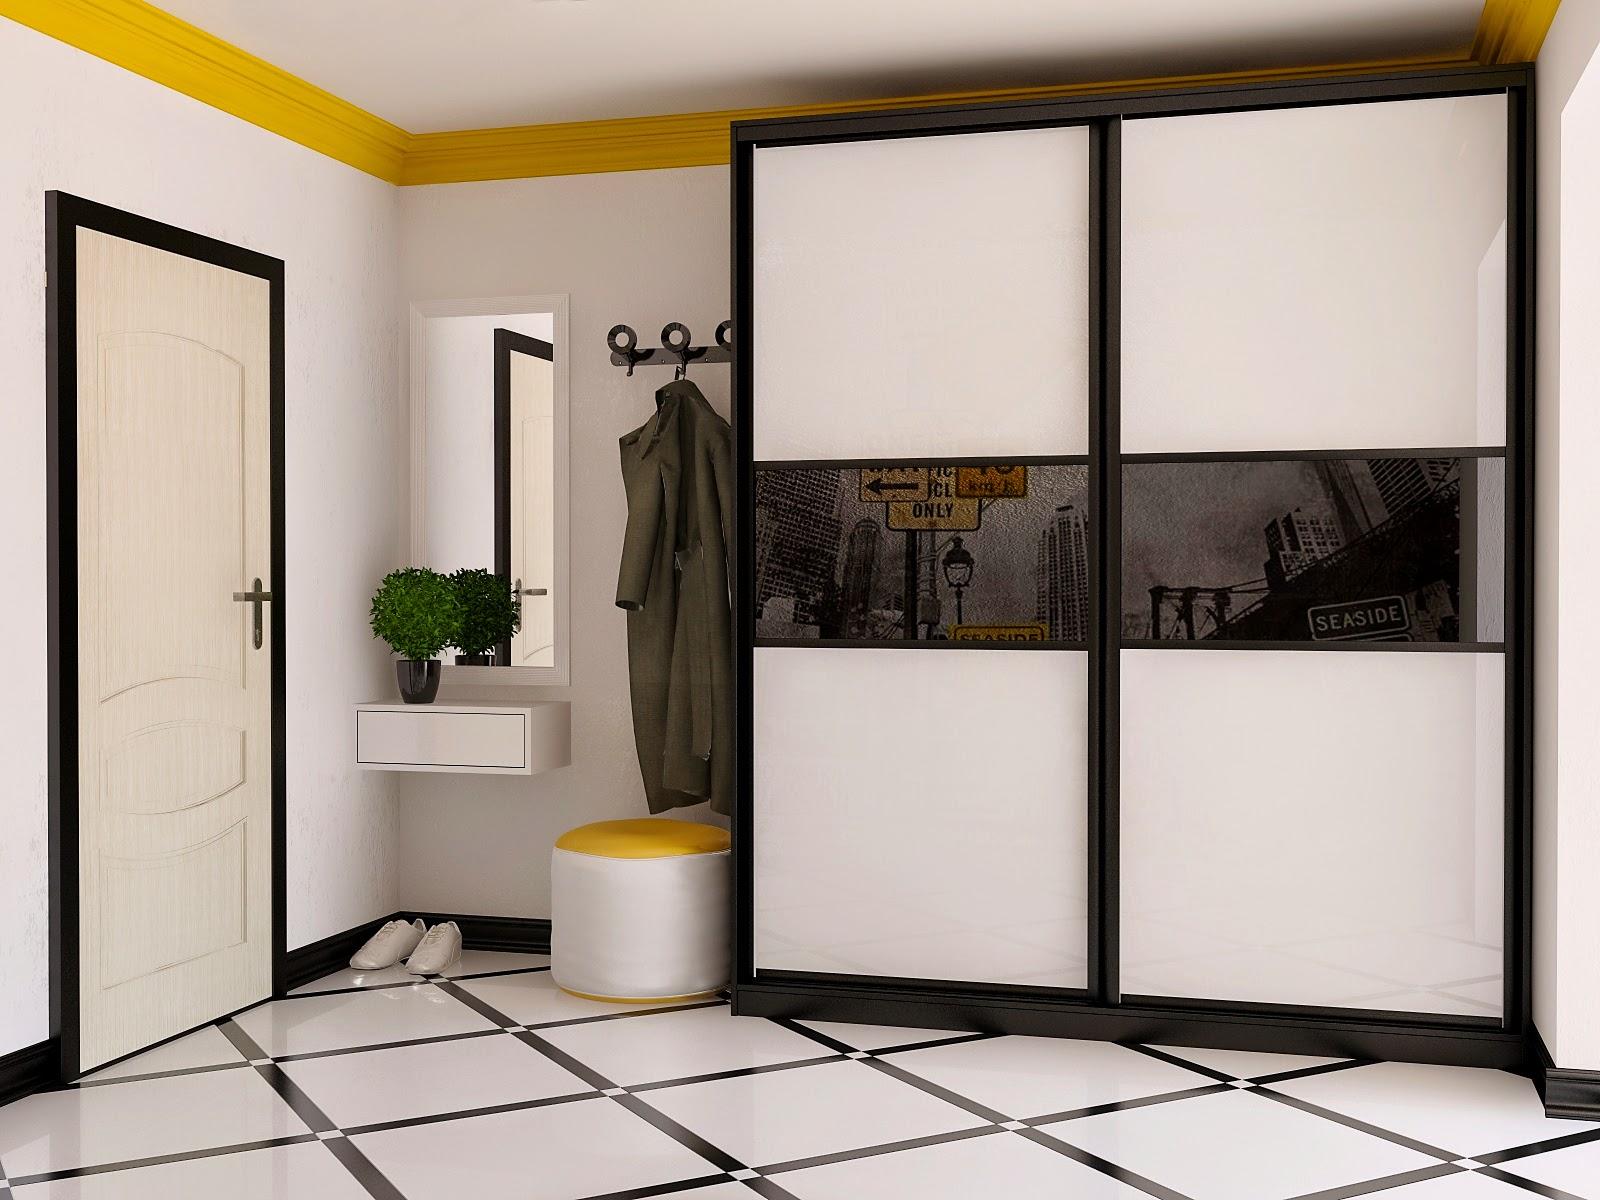 Шкаф-купе в прихожую - идеи дизайна (55 фото): проект интерь.